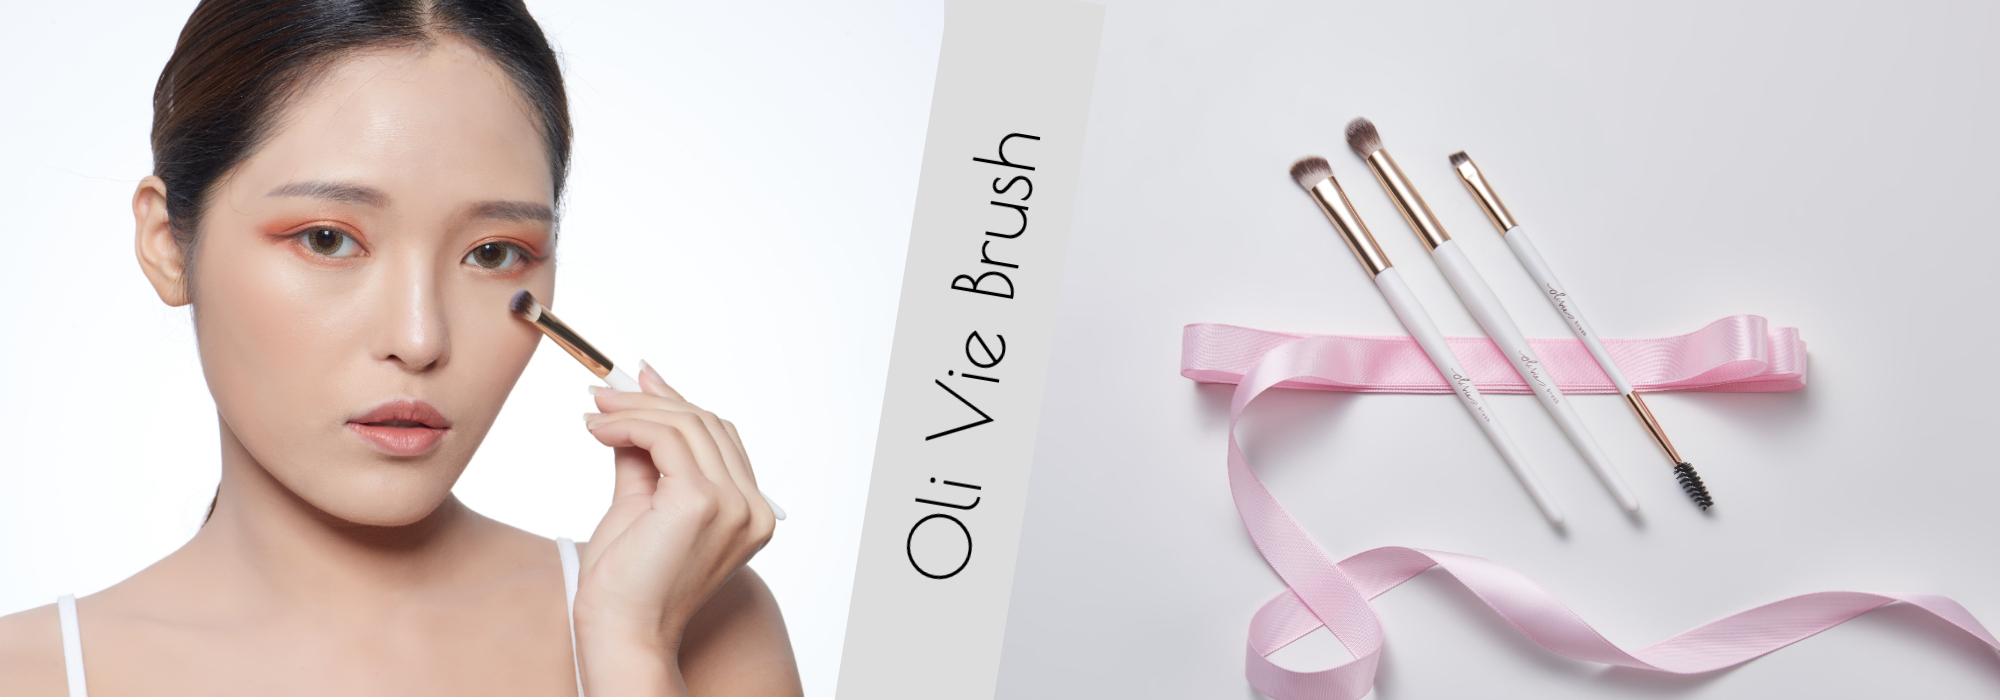 彩妝刷具,義式刷具,零殘忍刷具,非動物毛刷具,Oli Vie,歐妞,粉底刷,腮紅刷,眼影刷,修容刷,蜜粉刷,眉刷,超凡纖維,完美妝效,友善製造